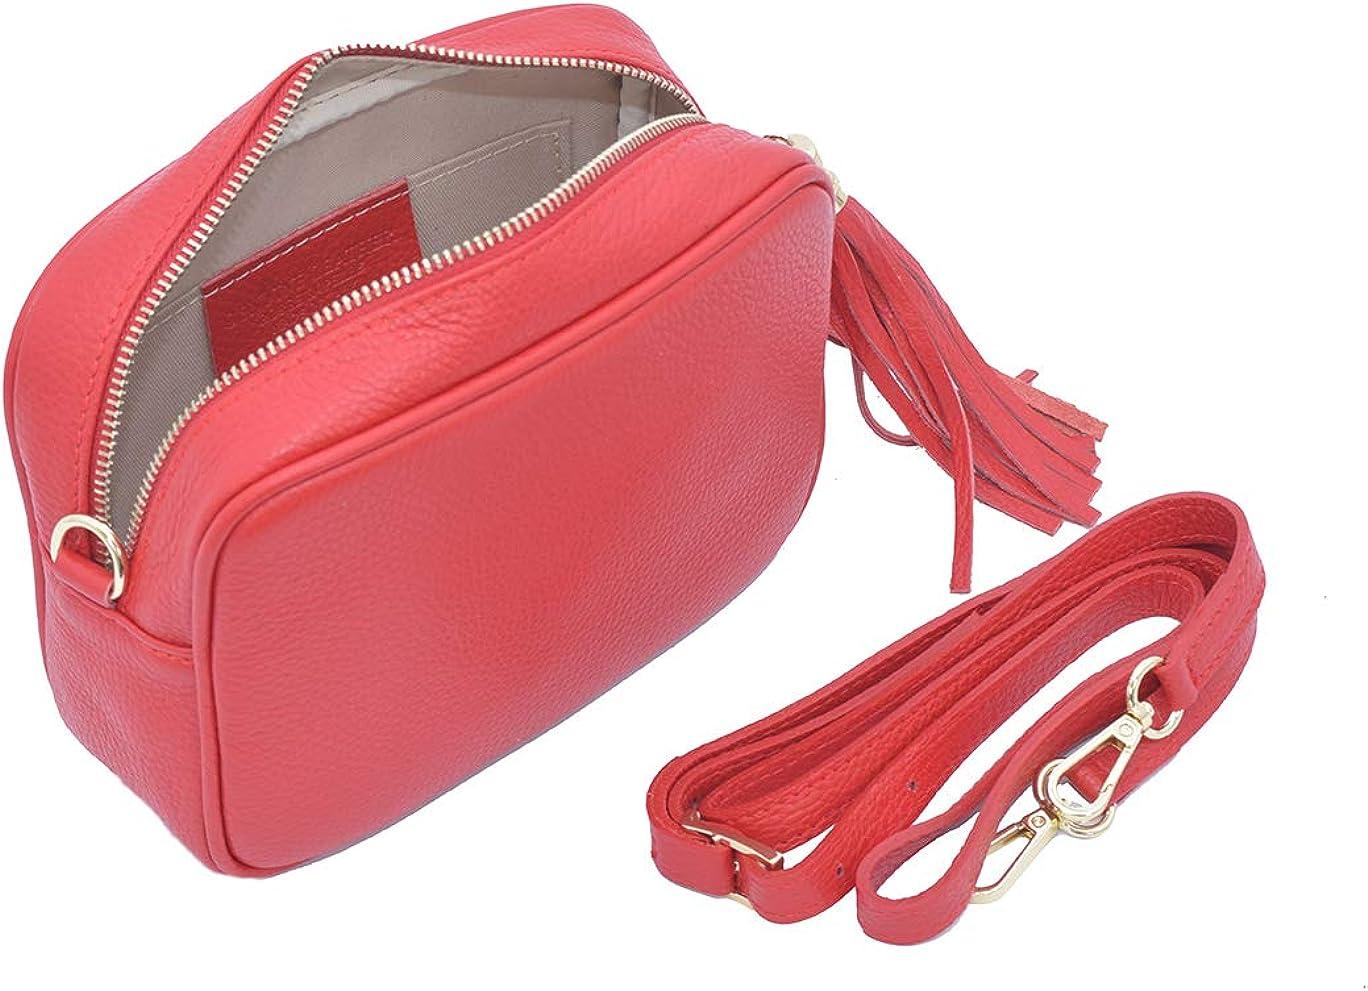 A to Z Leather Borsa da donna a tracolla morbida e compatta in vera pelle per donna con nappa in pelle e hardware dorato Rosso